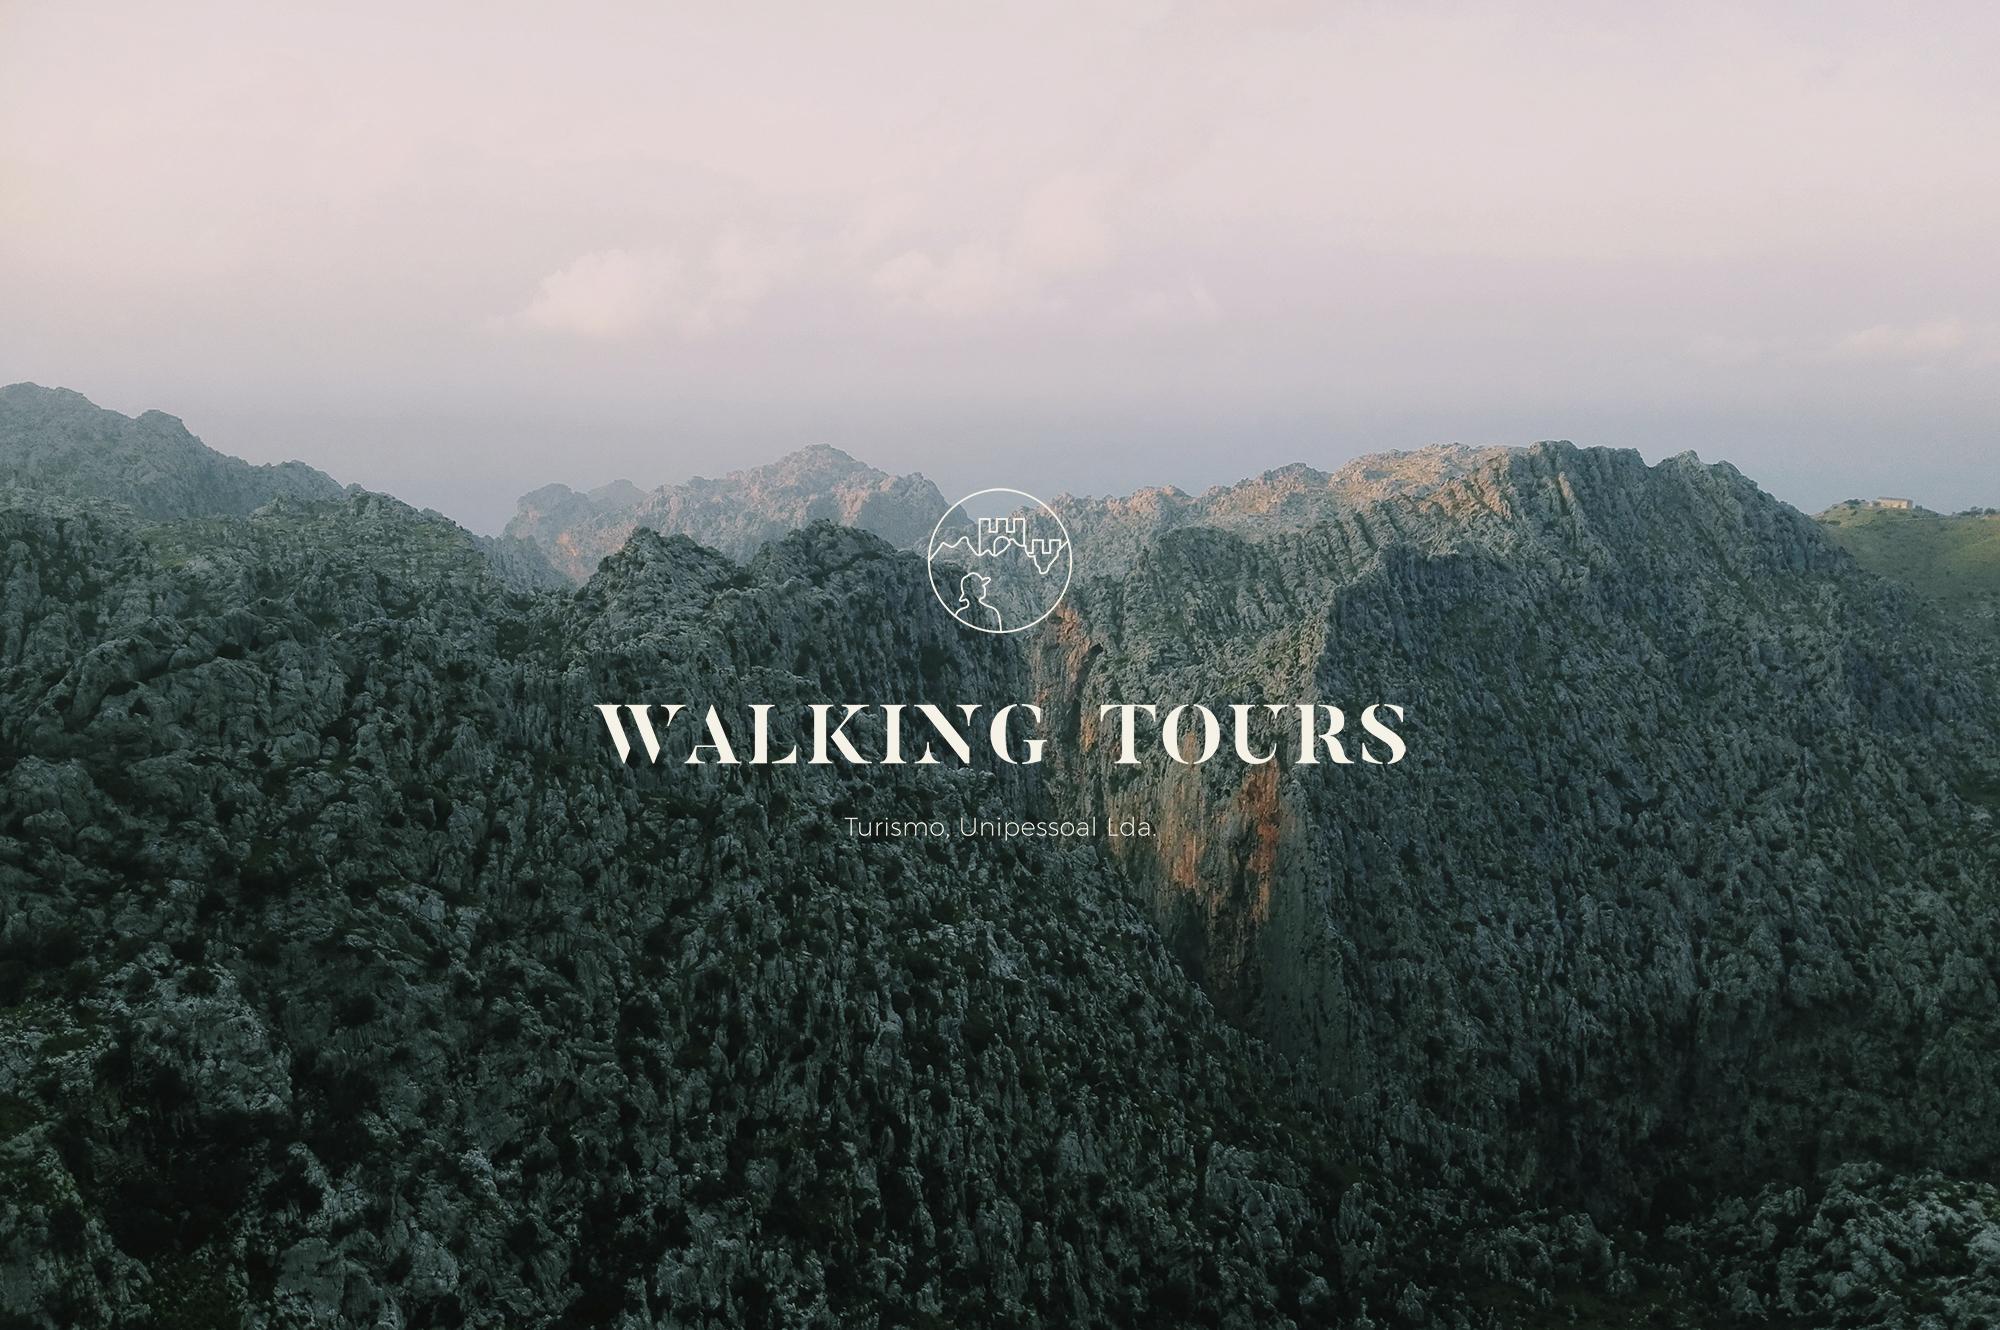 WALKING_STATIONARY_MOCKUP_0